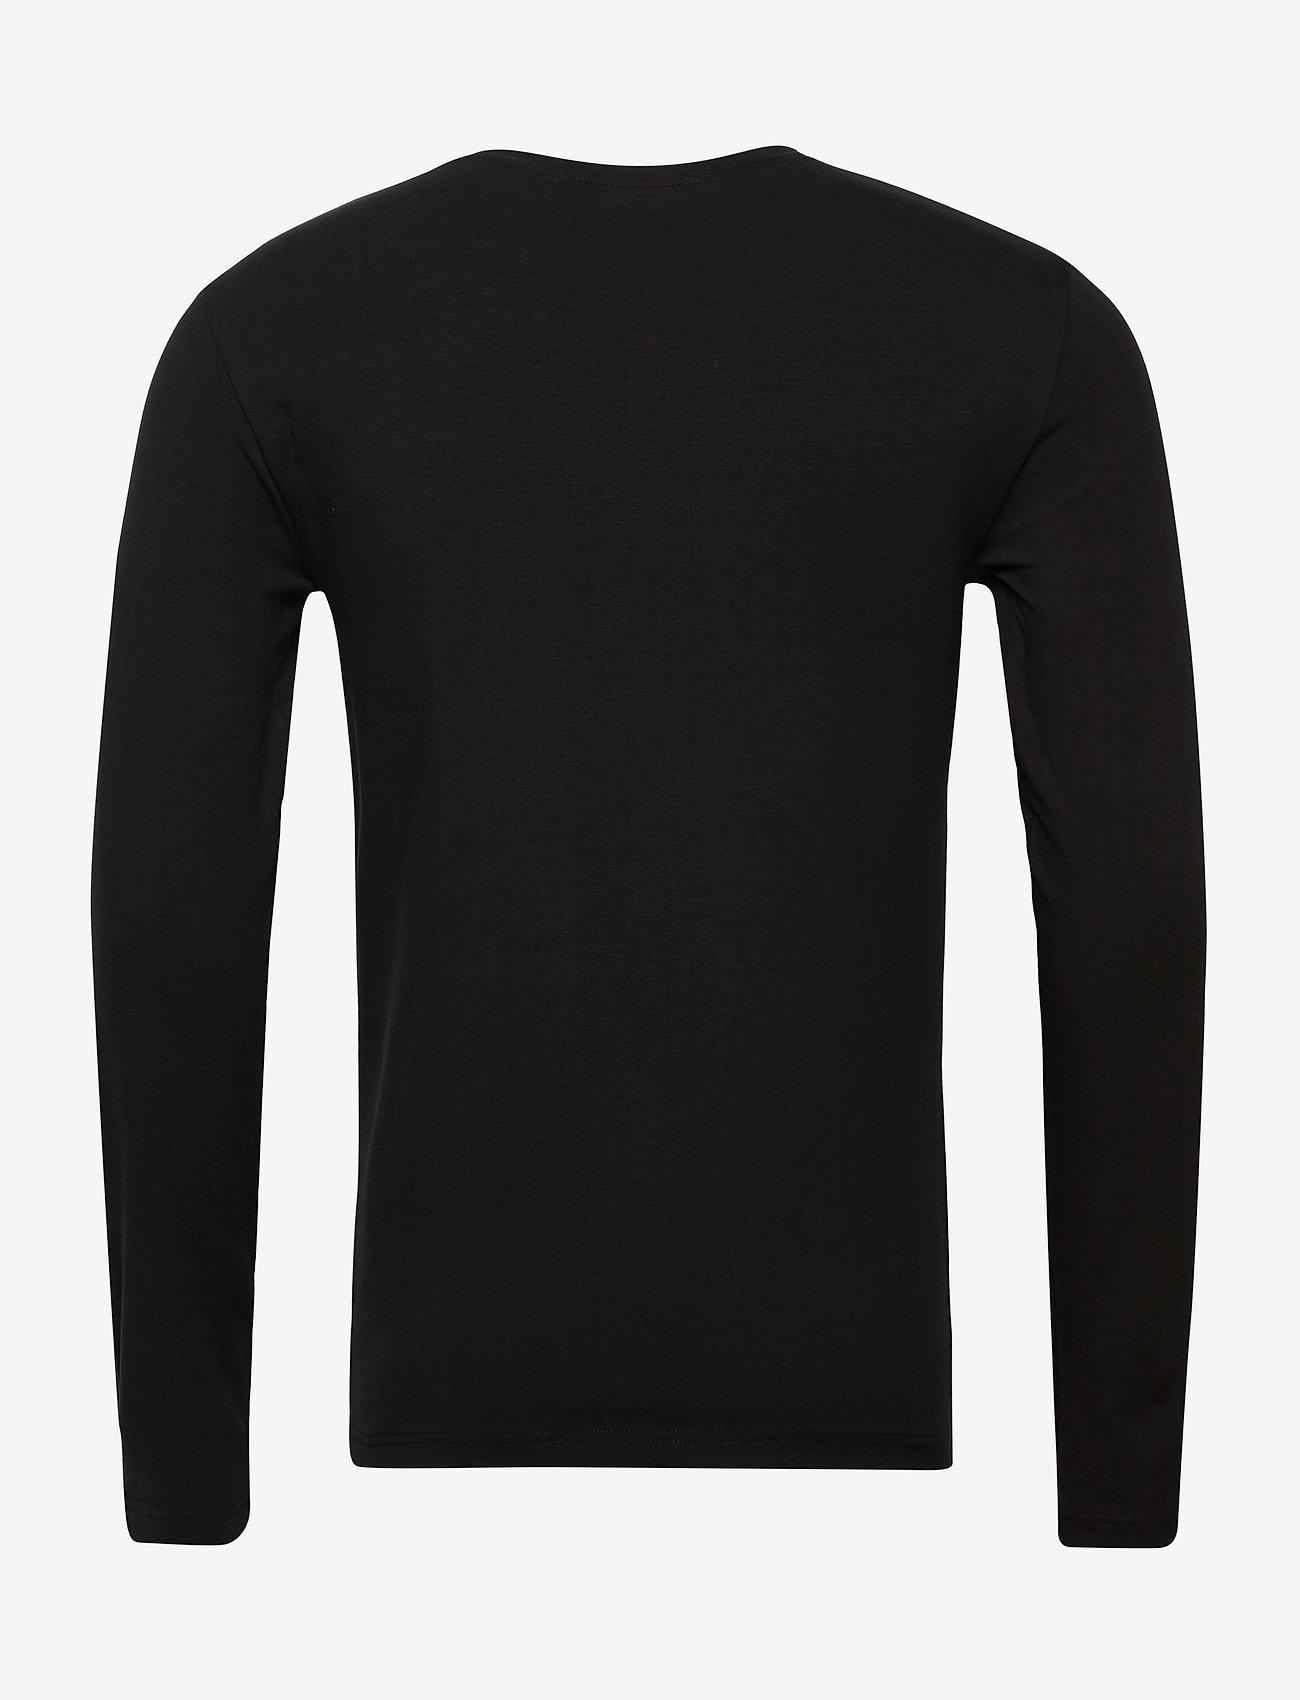 EA7 T-SHIRT - T-skjorter BLACK - Menn Klær